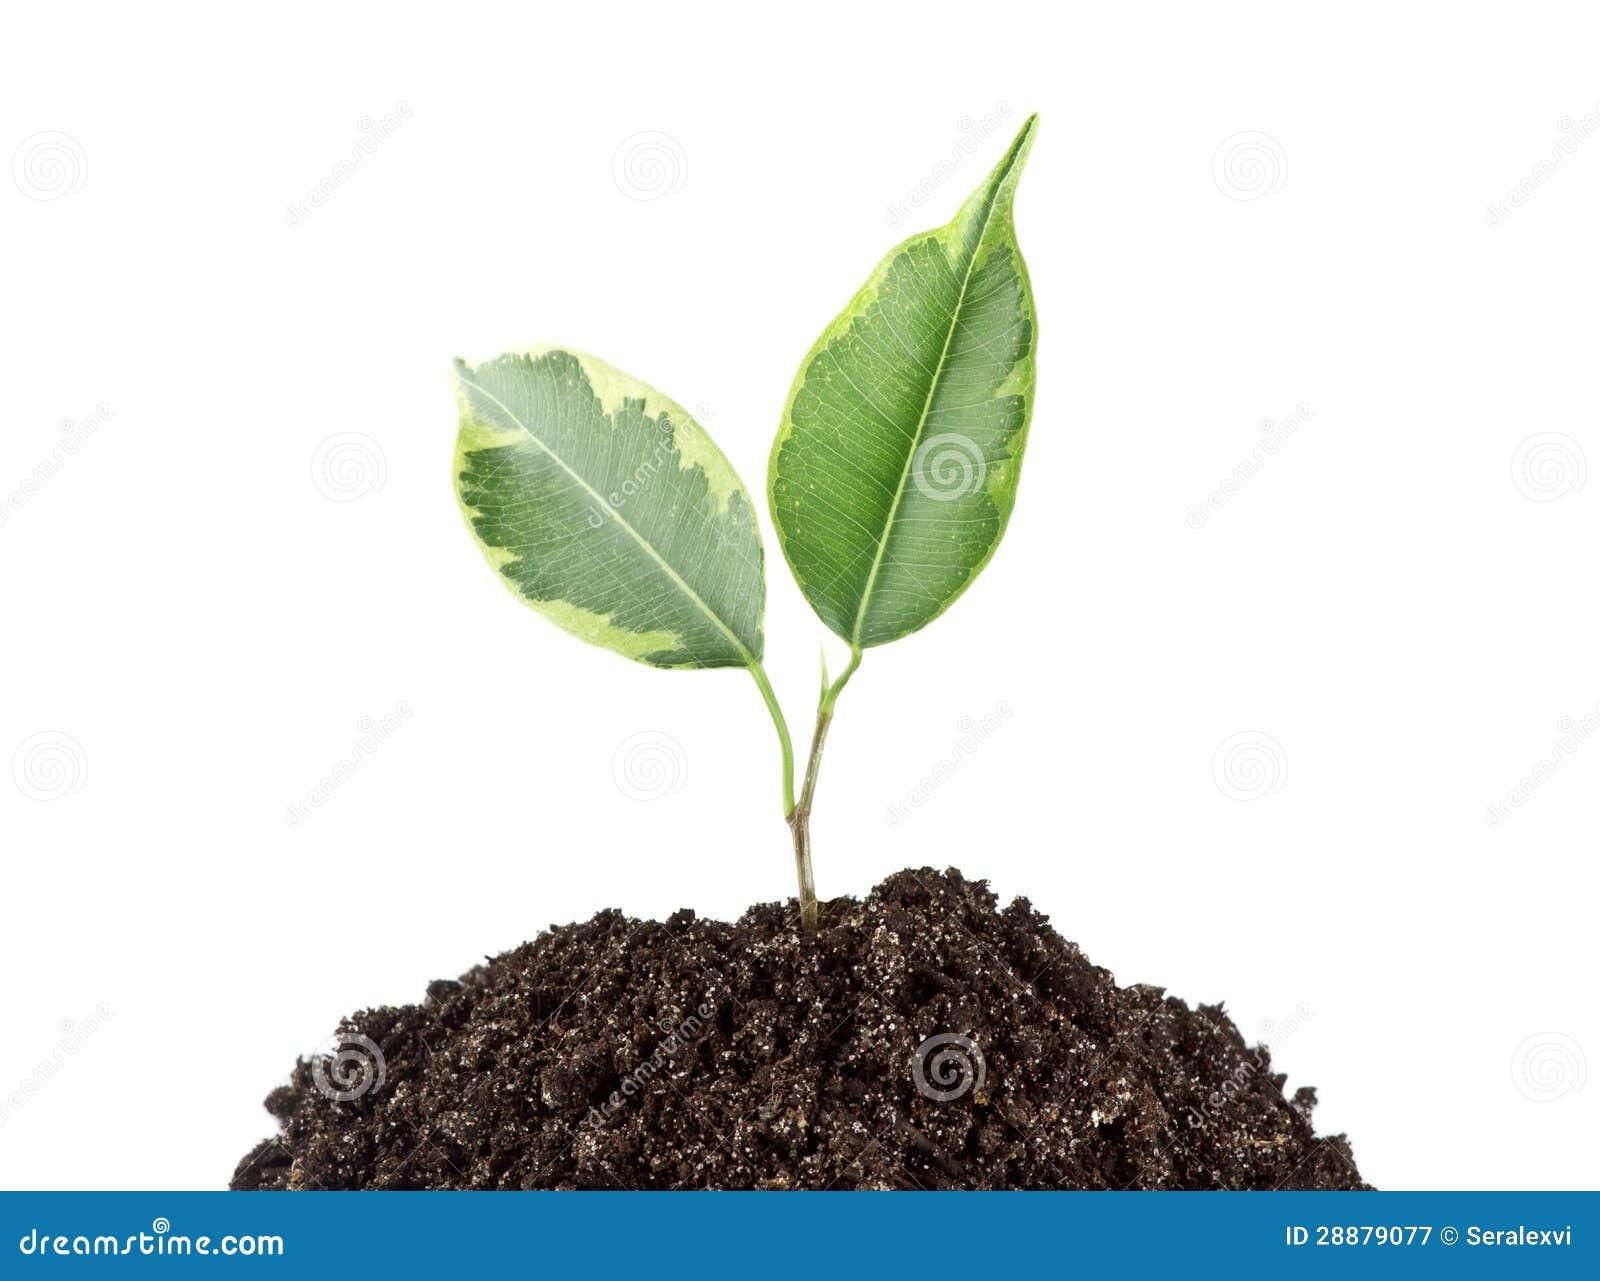 jeune petite plante verte photographie stock libre de droits image 28879077. Black Bedroom Furniture Sets. Home Design Ideas